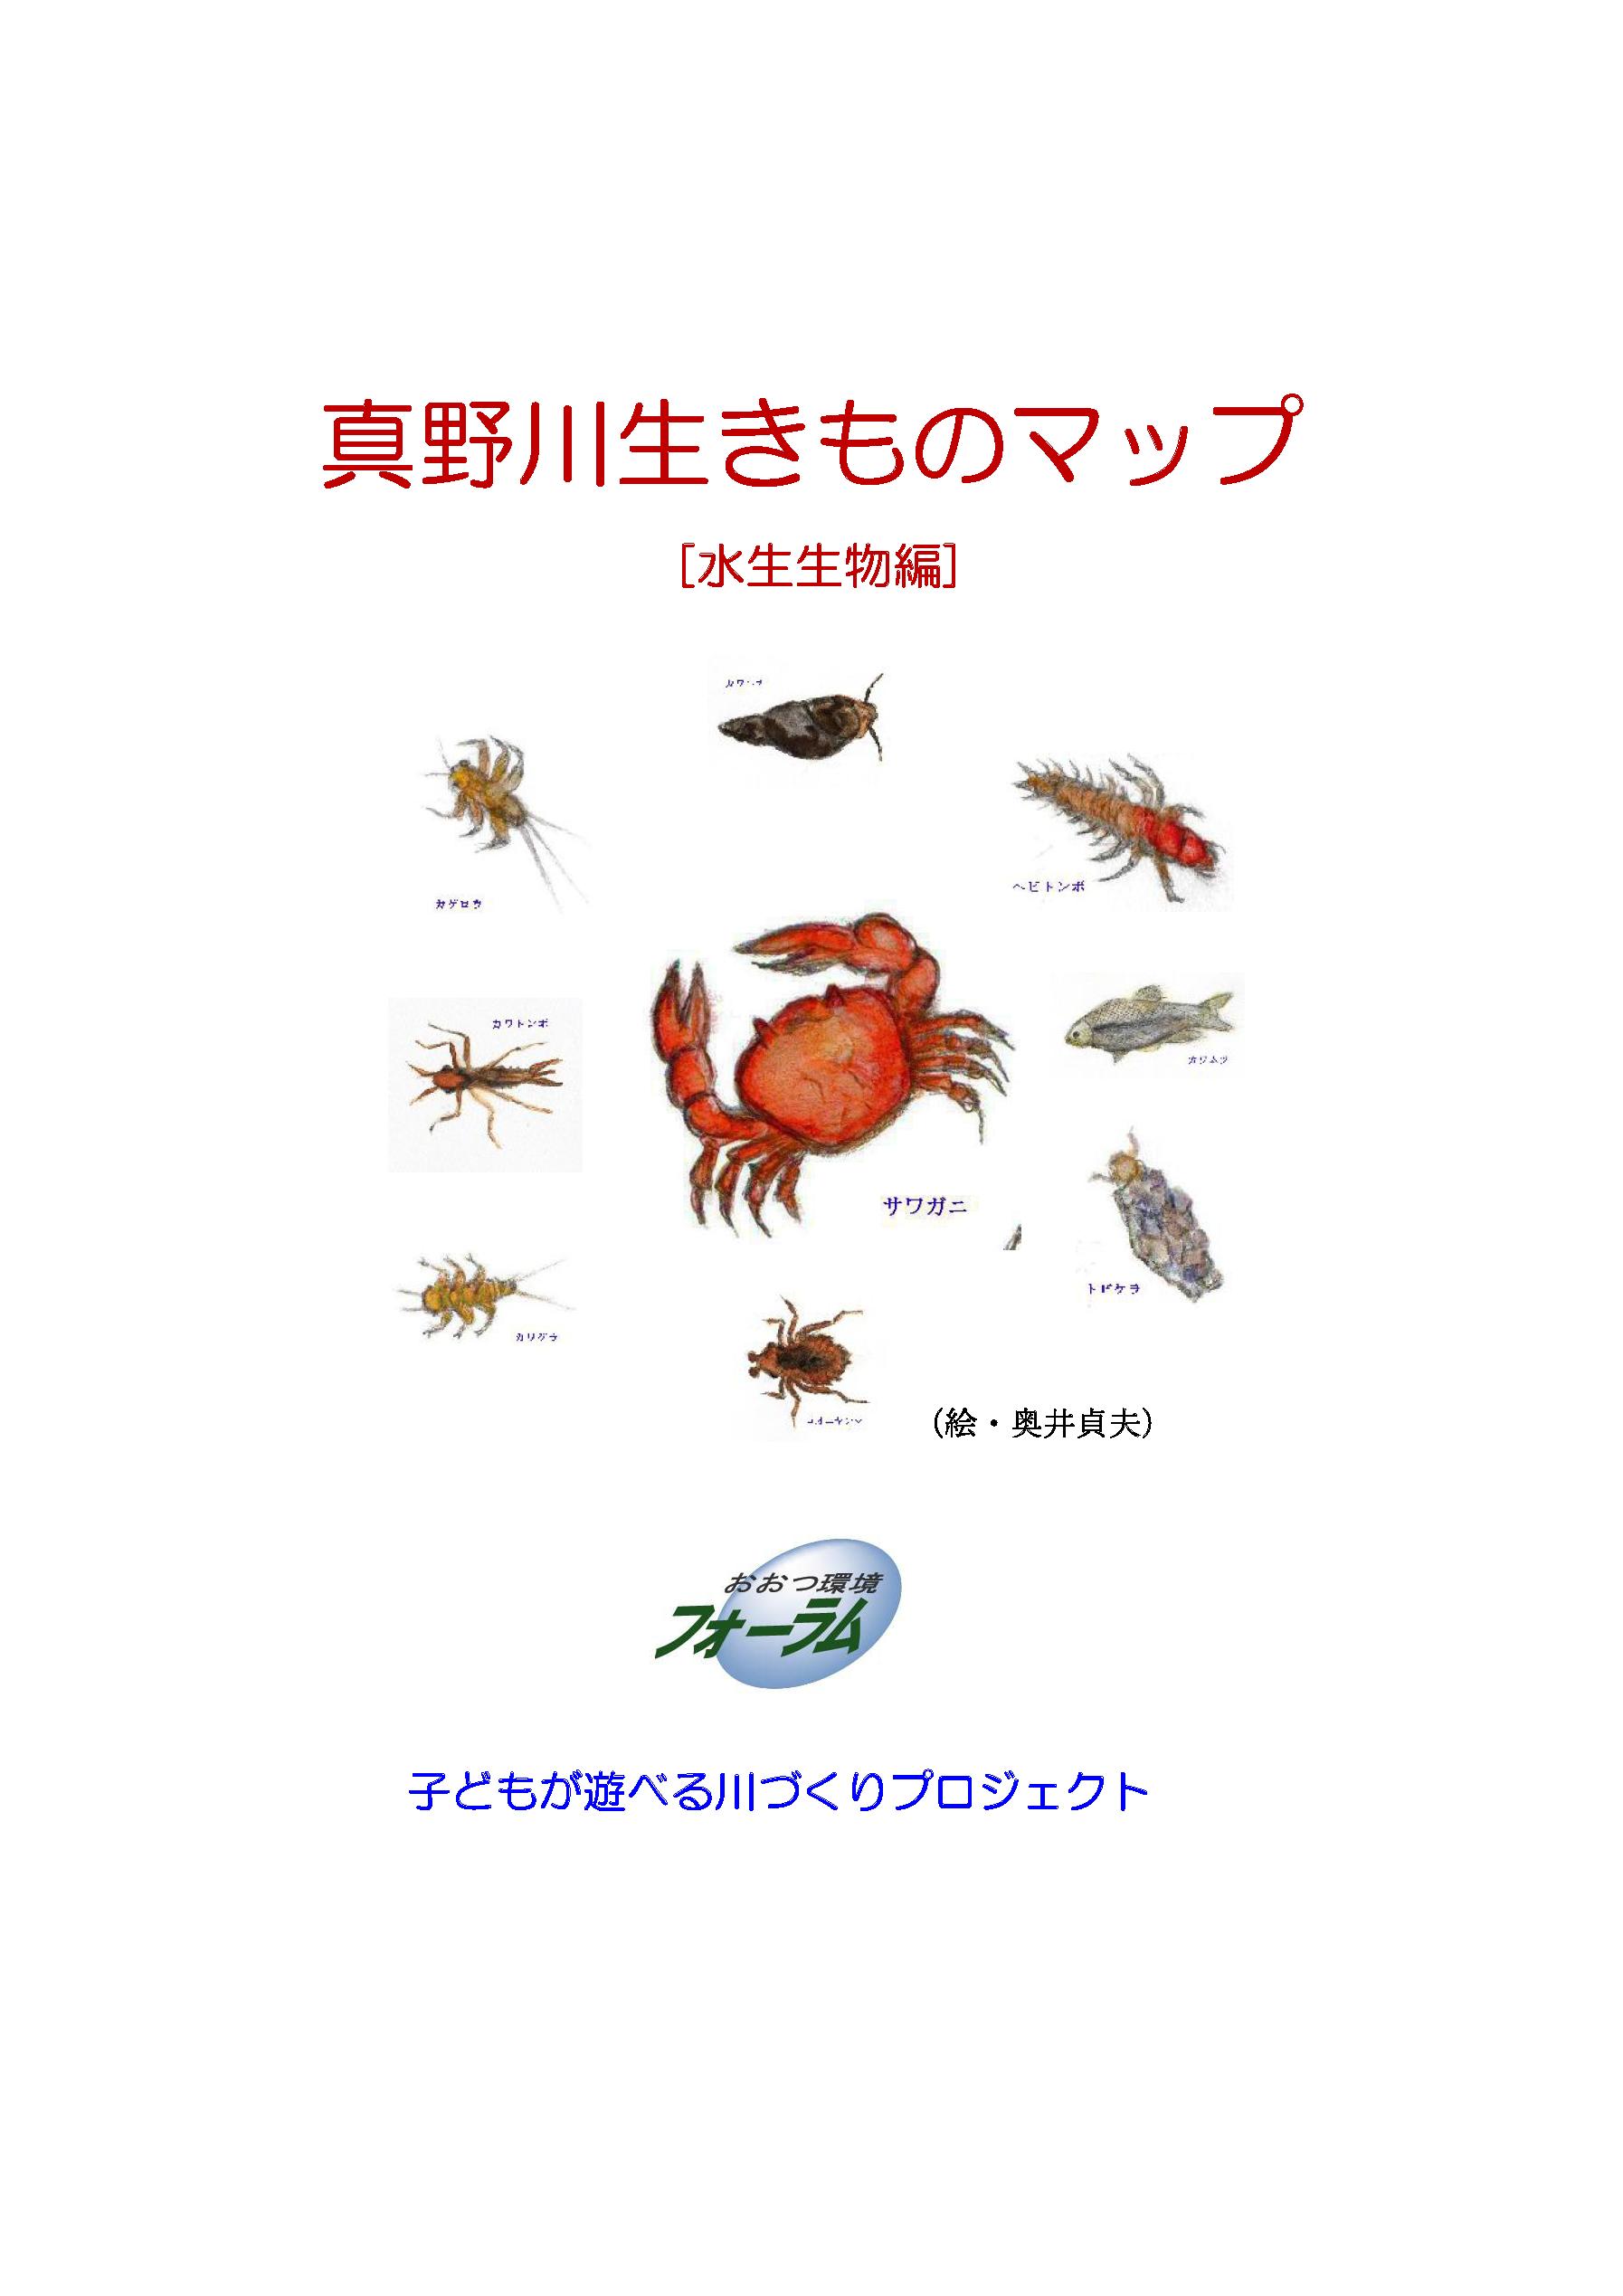 真野川生きものマップ「水生生物編」